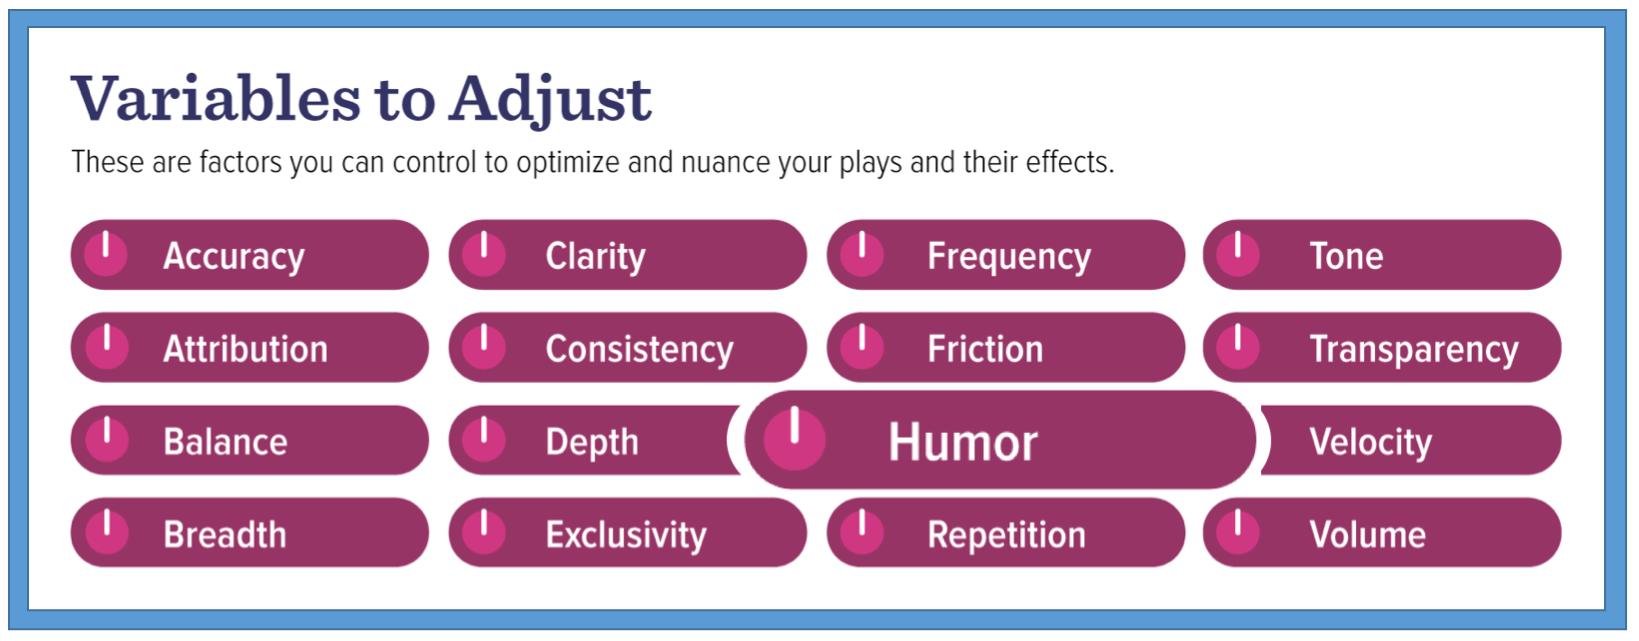 humor-factor-for-debate-1